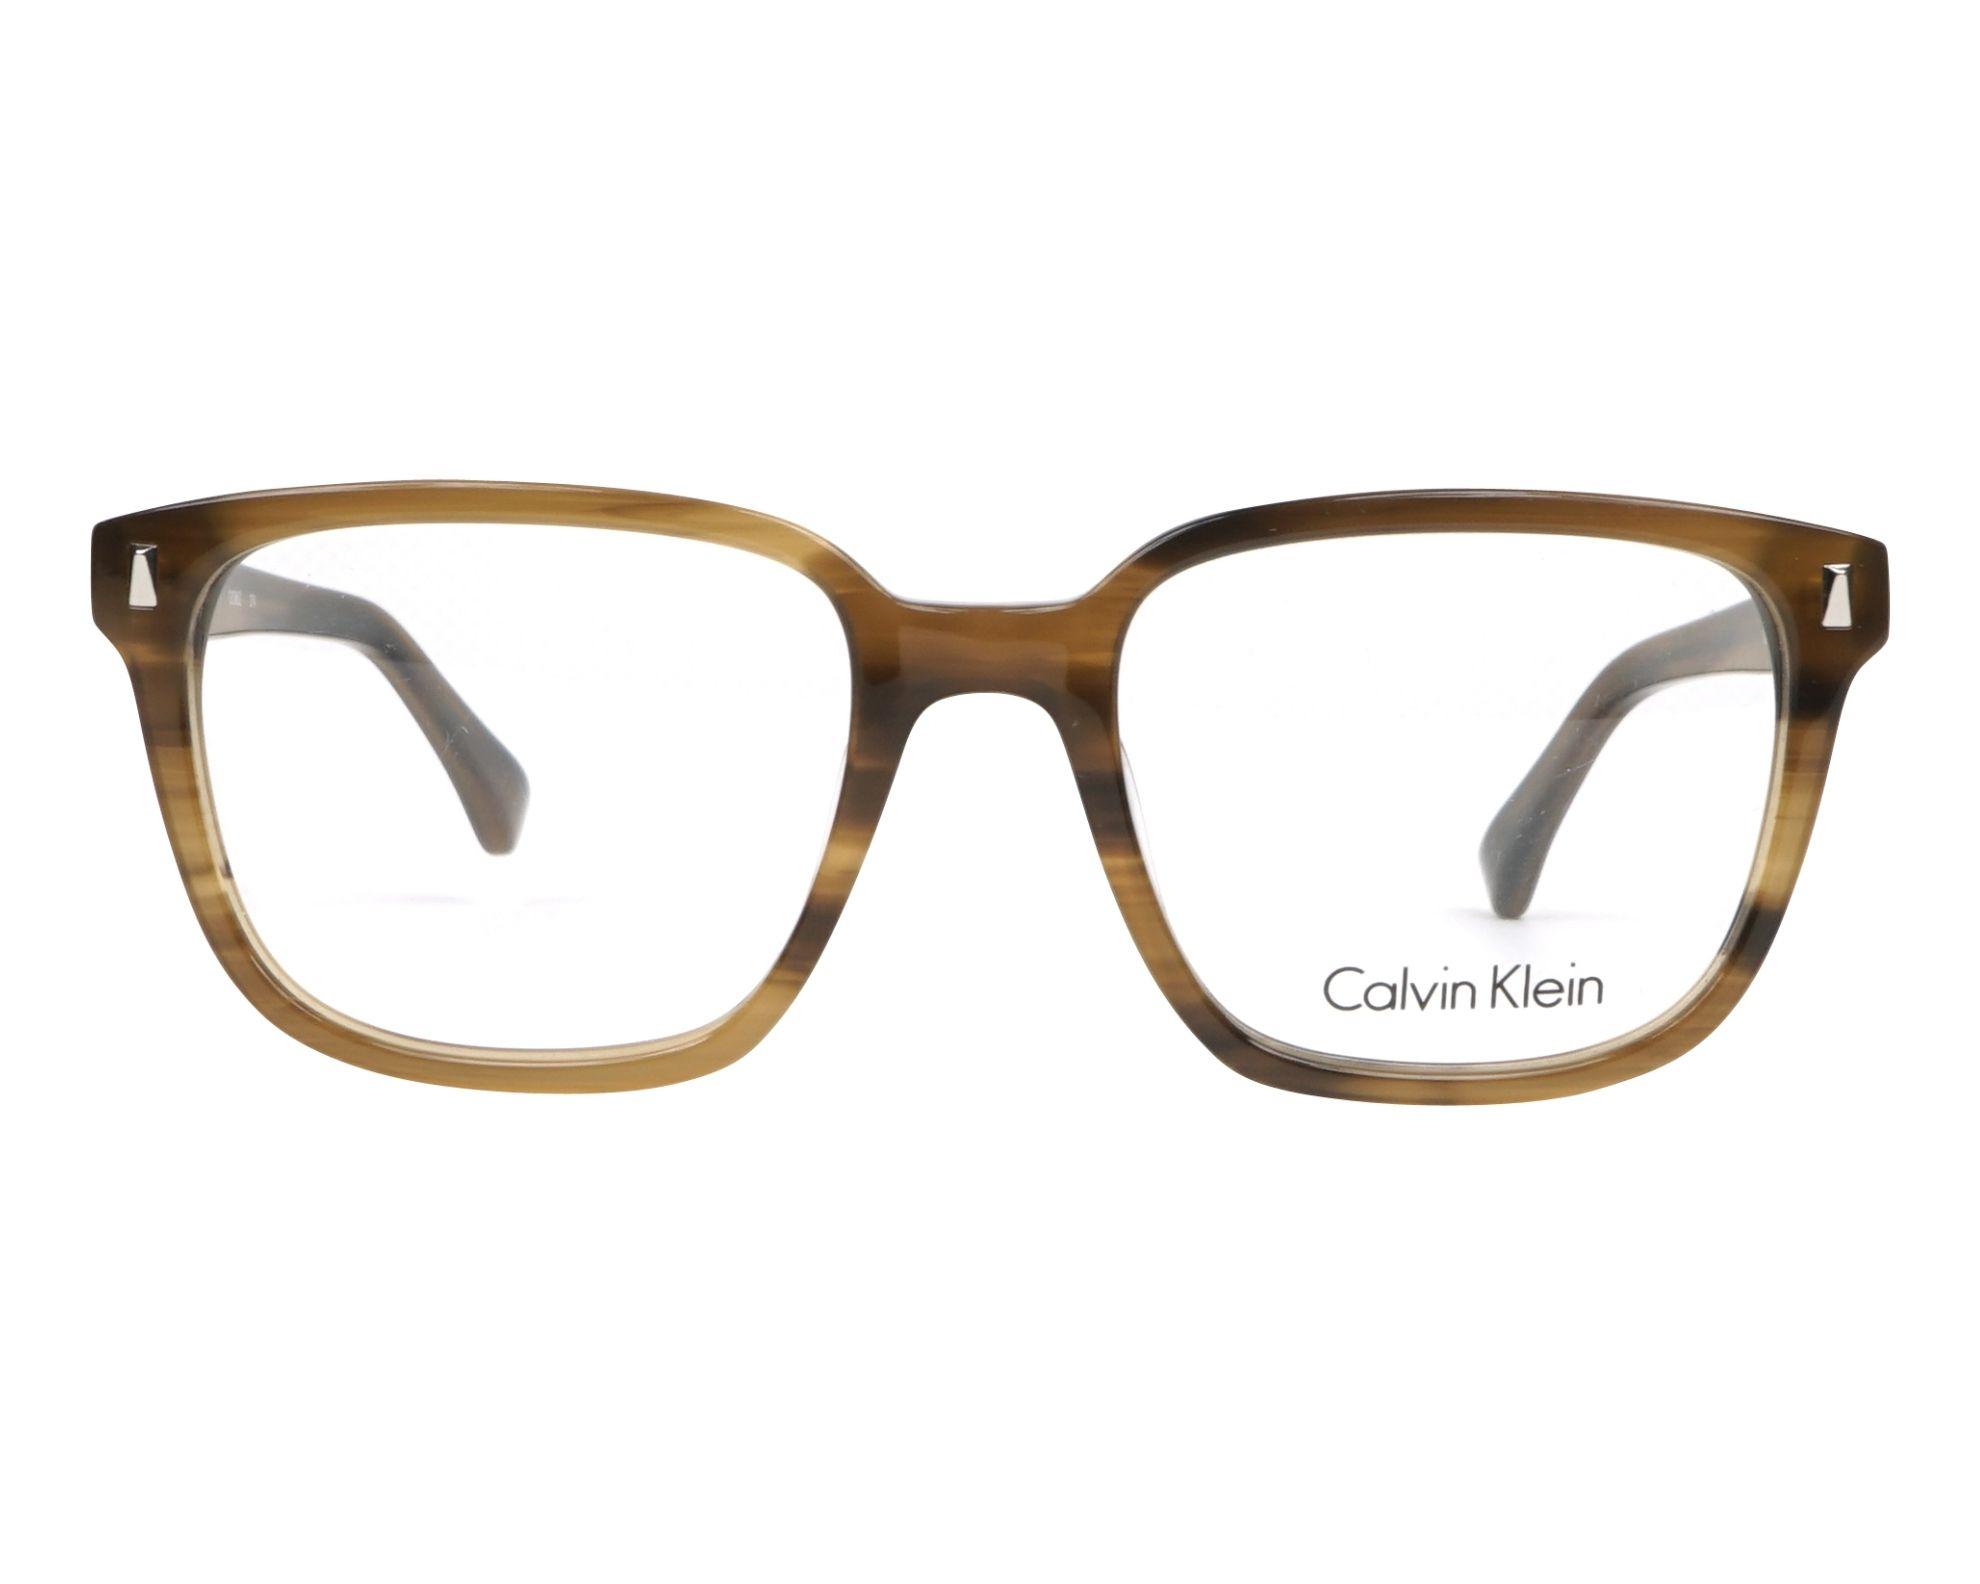 073aabc4ef Gafas Graduadas Calvin Klein CK-5862 274 52-19 Marrón Marrón vista de frente